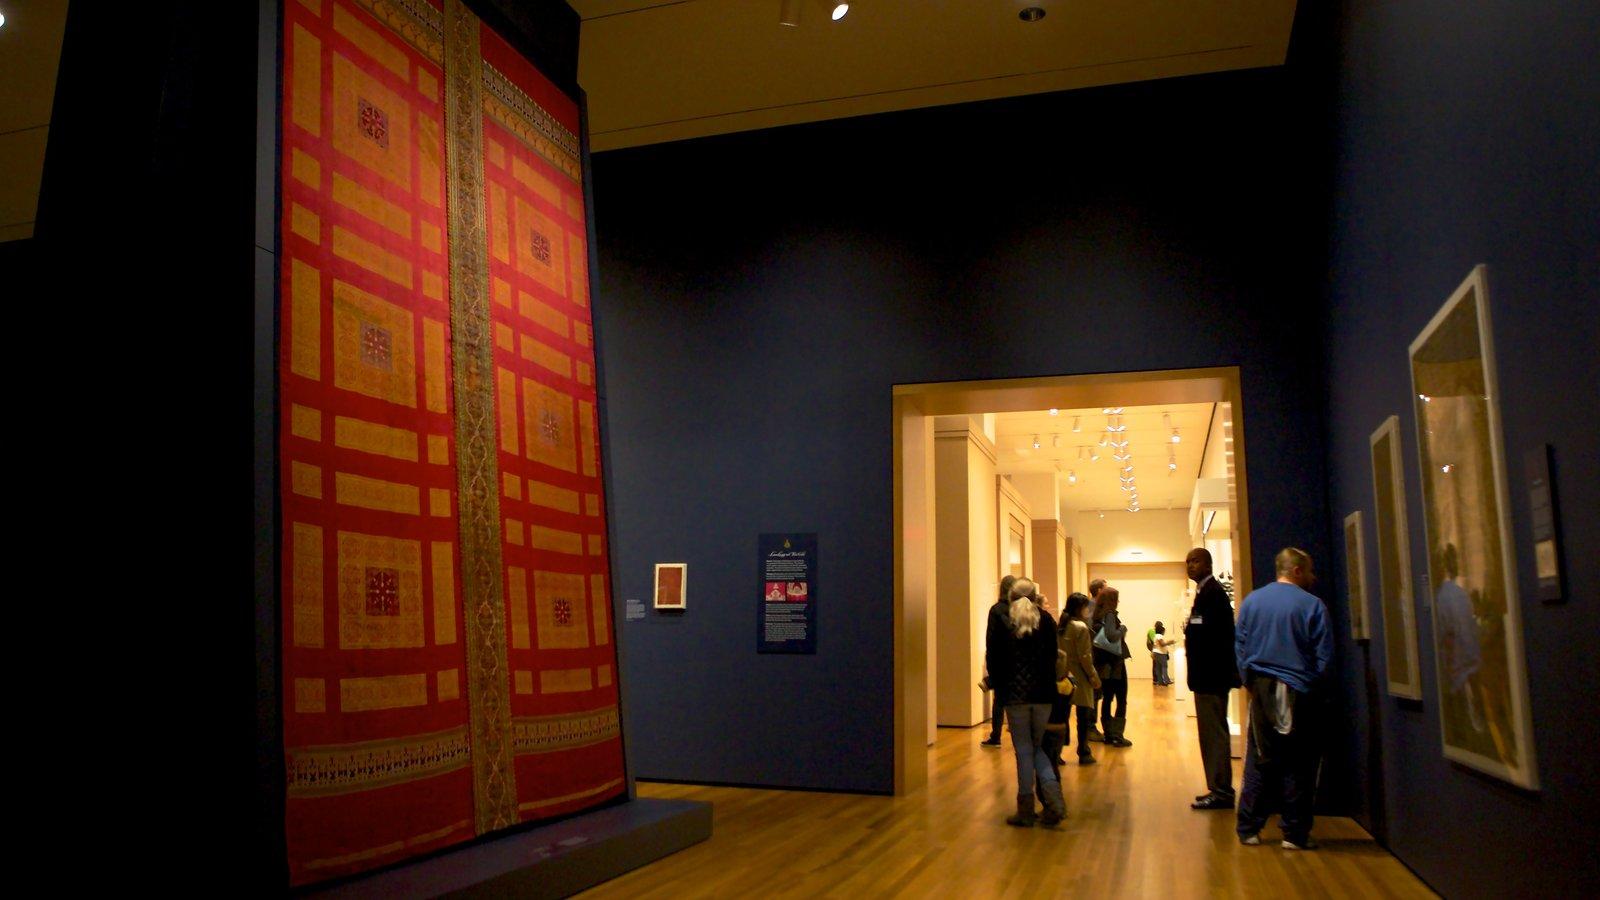 Cleveland Museum of Art que inclui vistas internas e arte